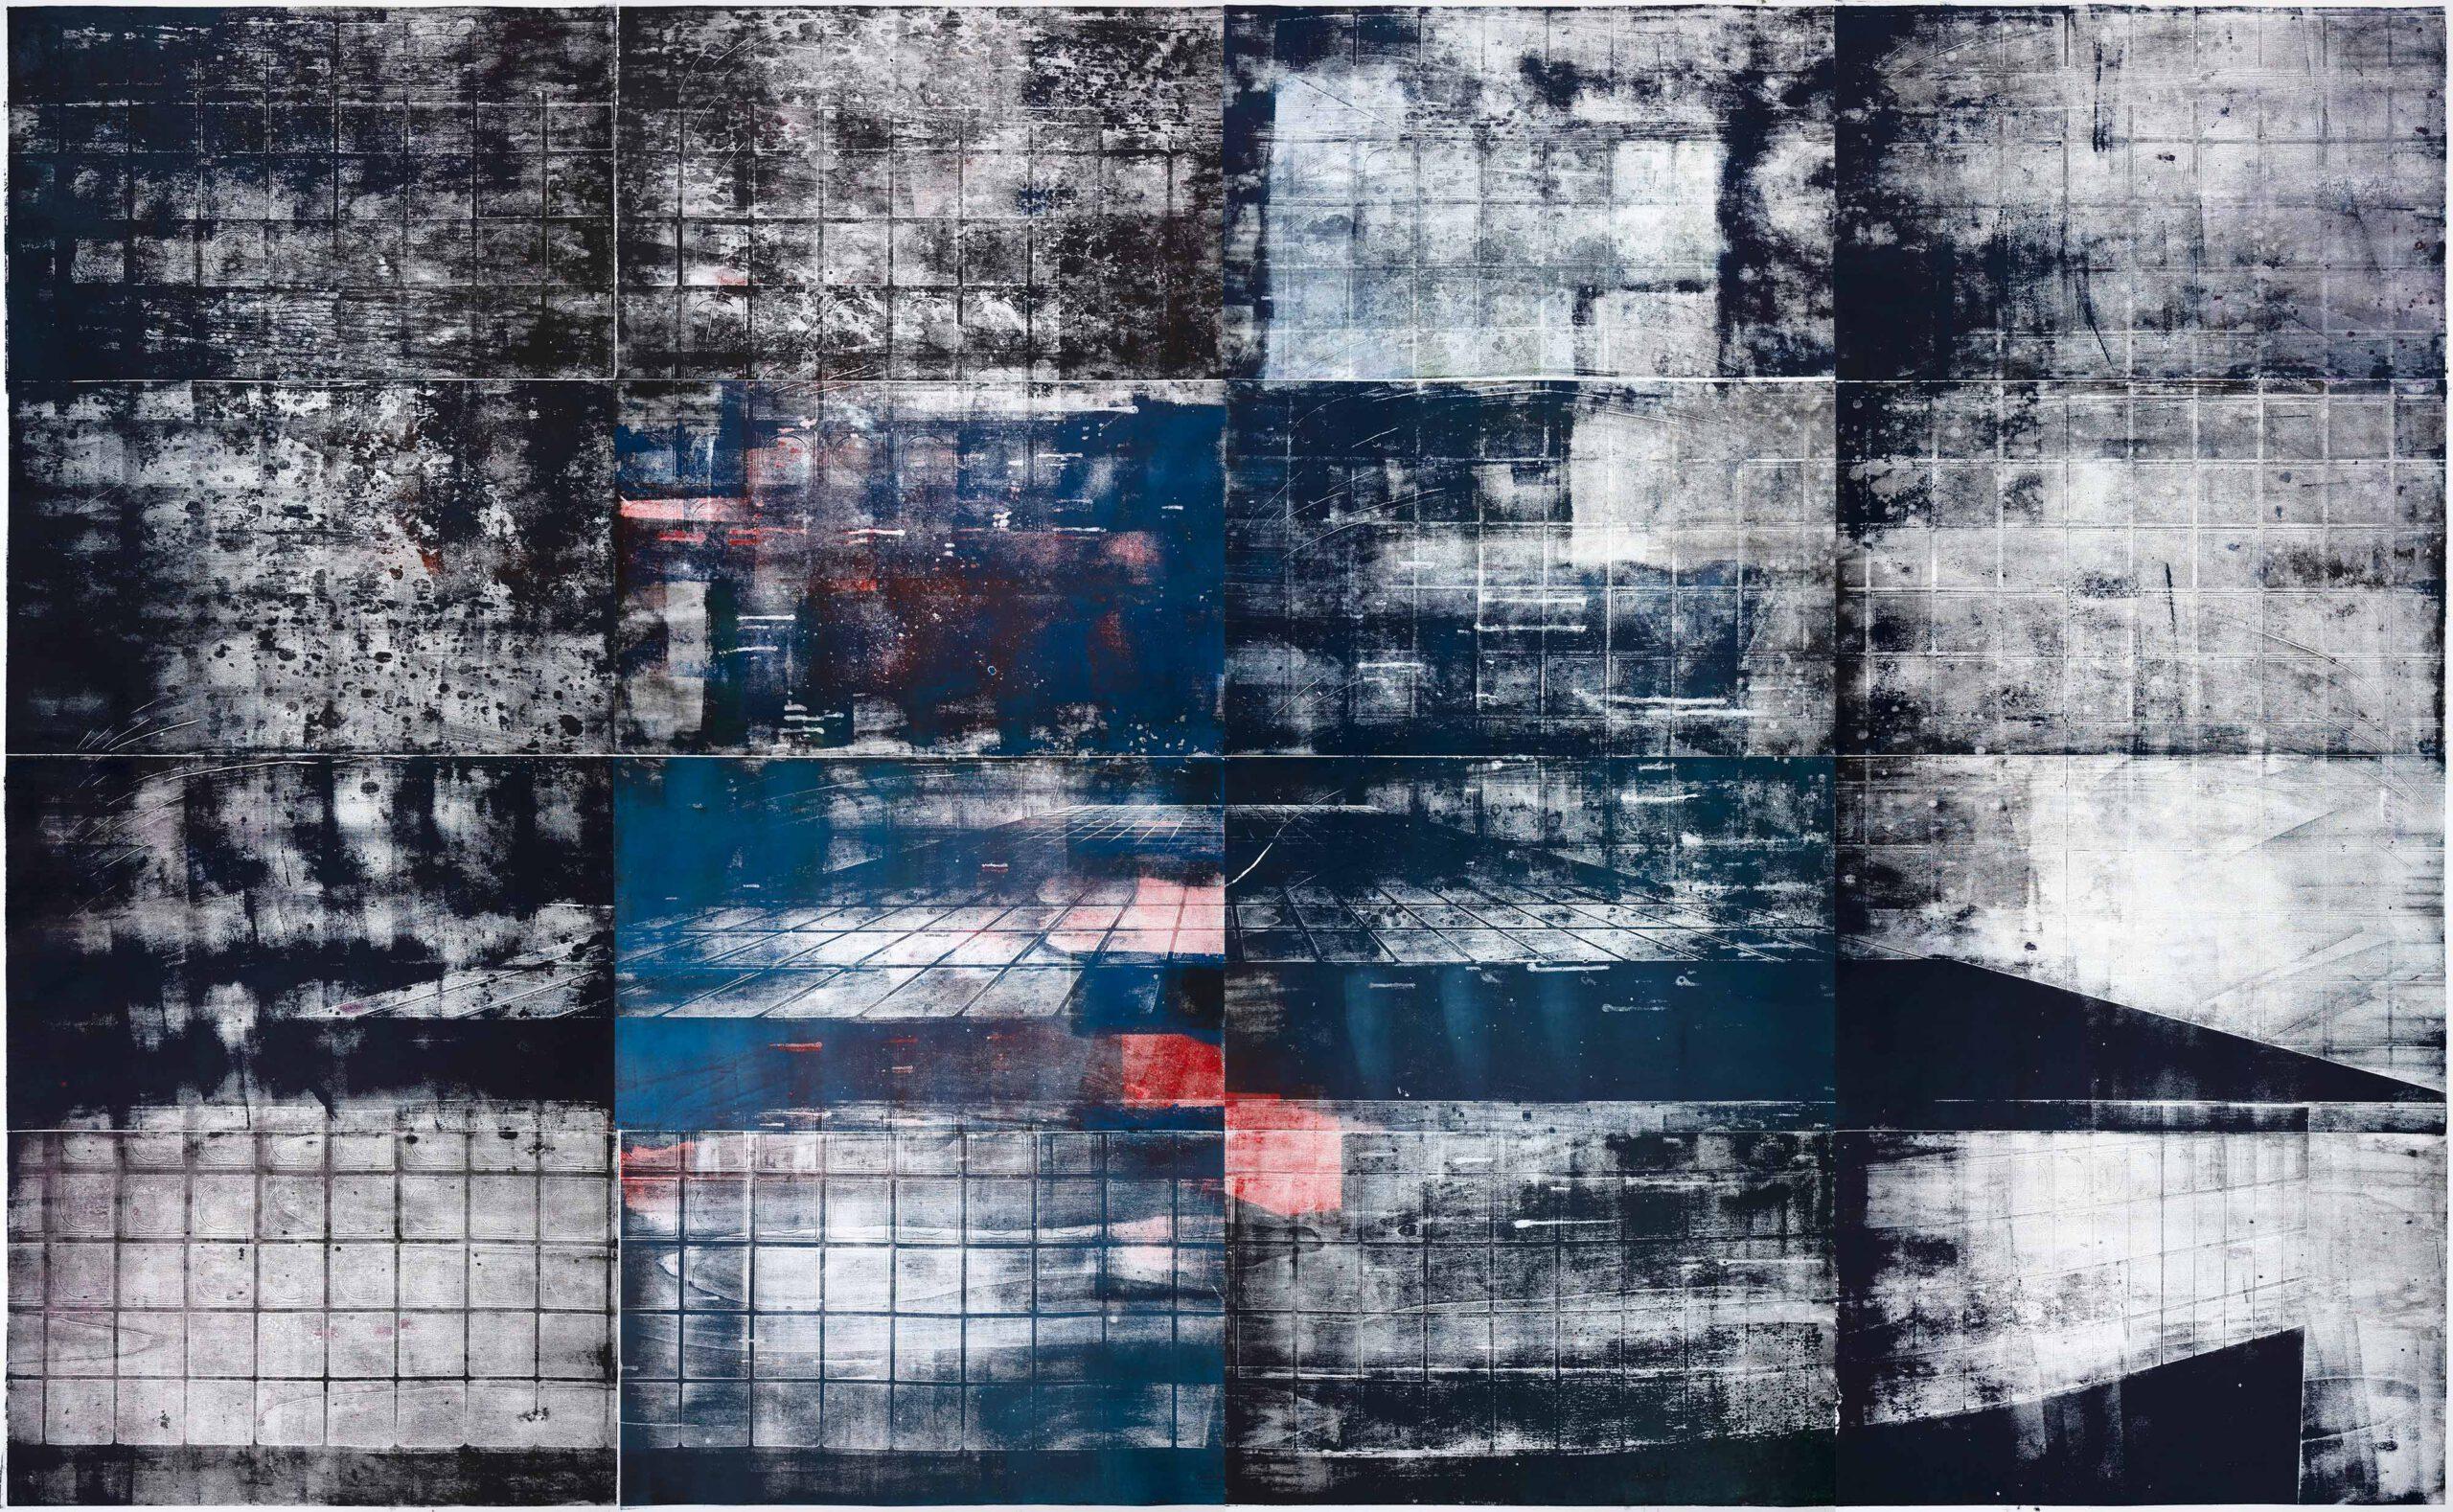 Treppe 2, 2020, wood engraving, 255,7 x 394,1 cm Kunstwerk